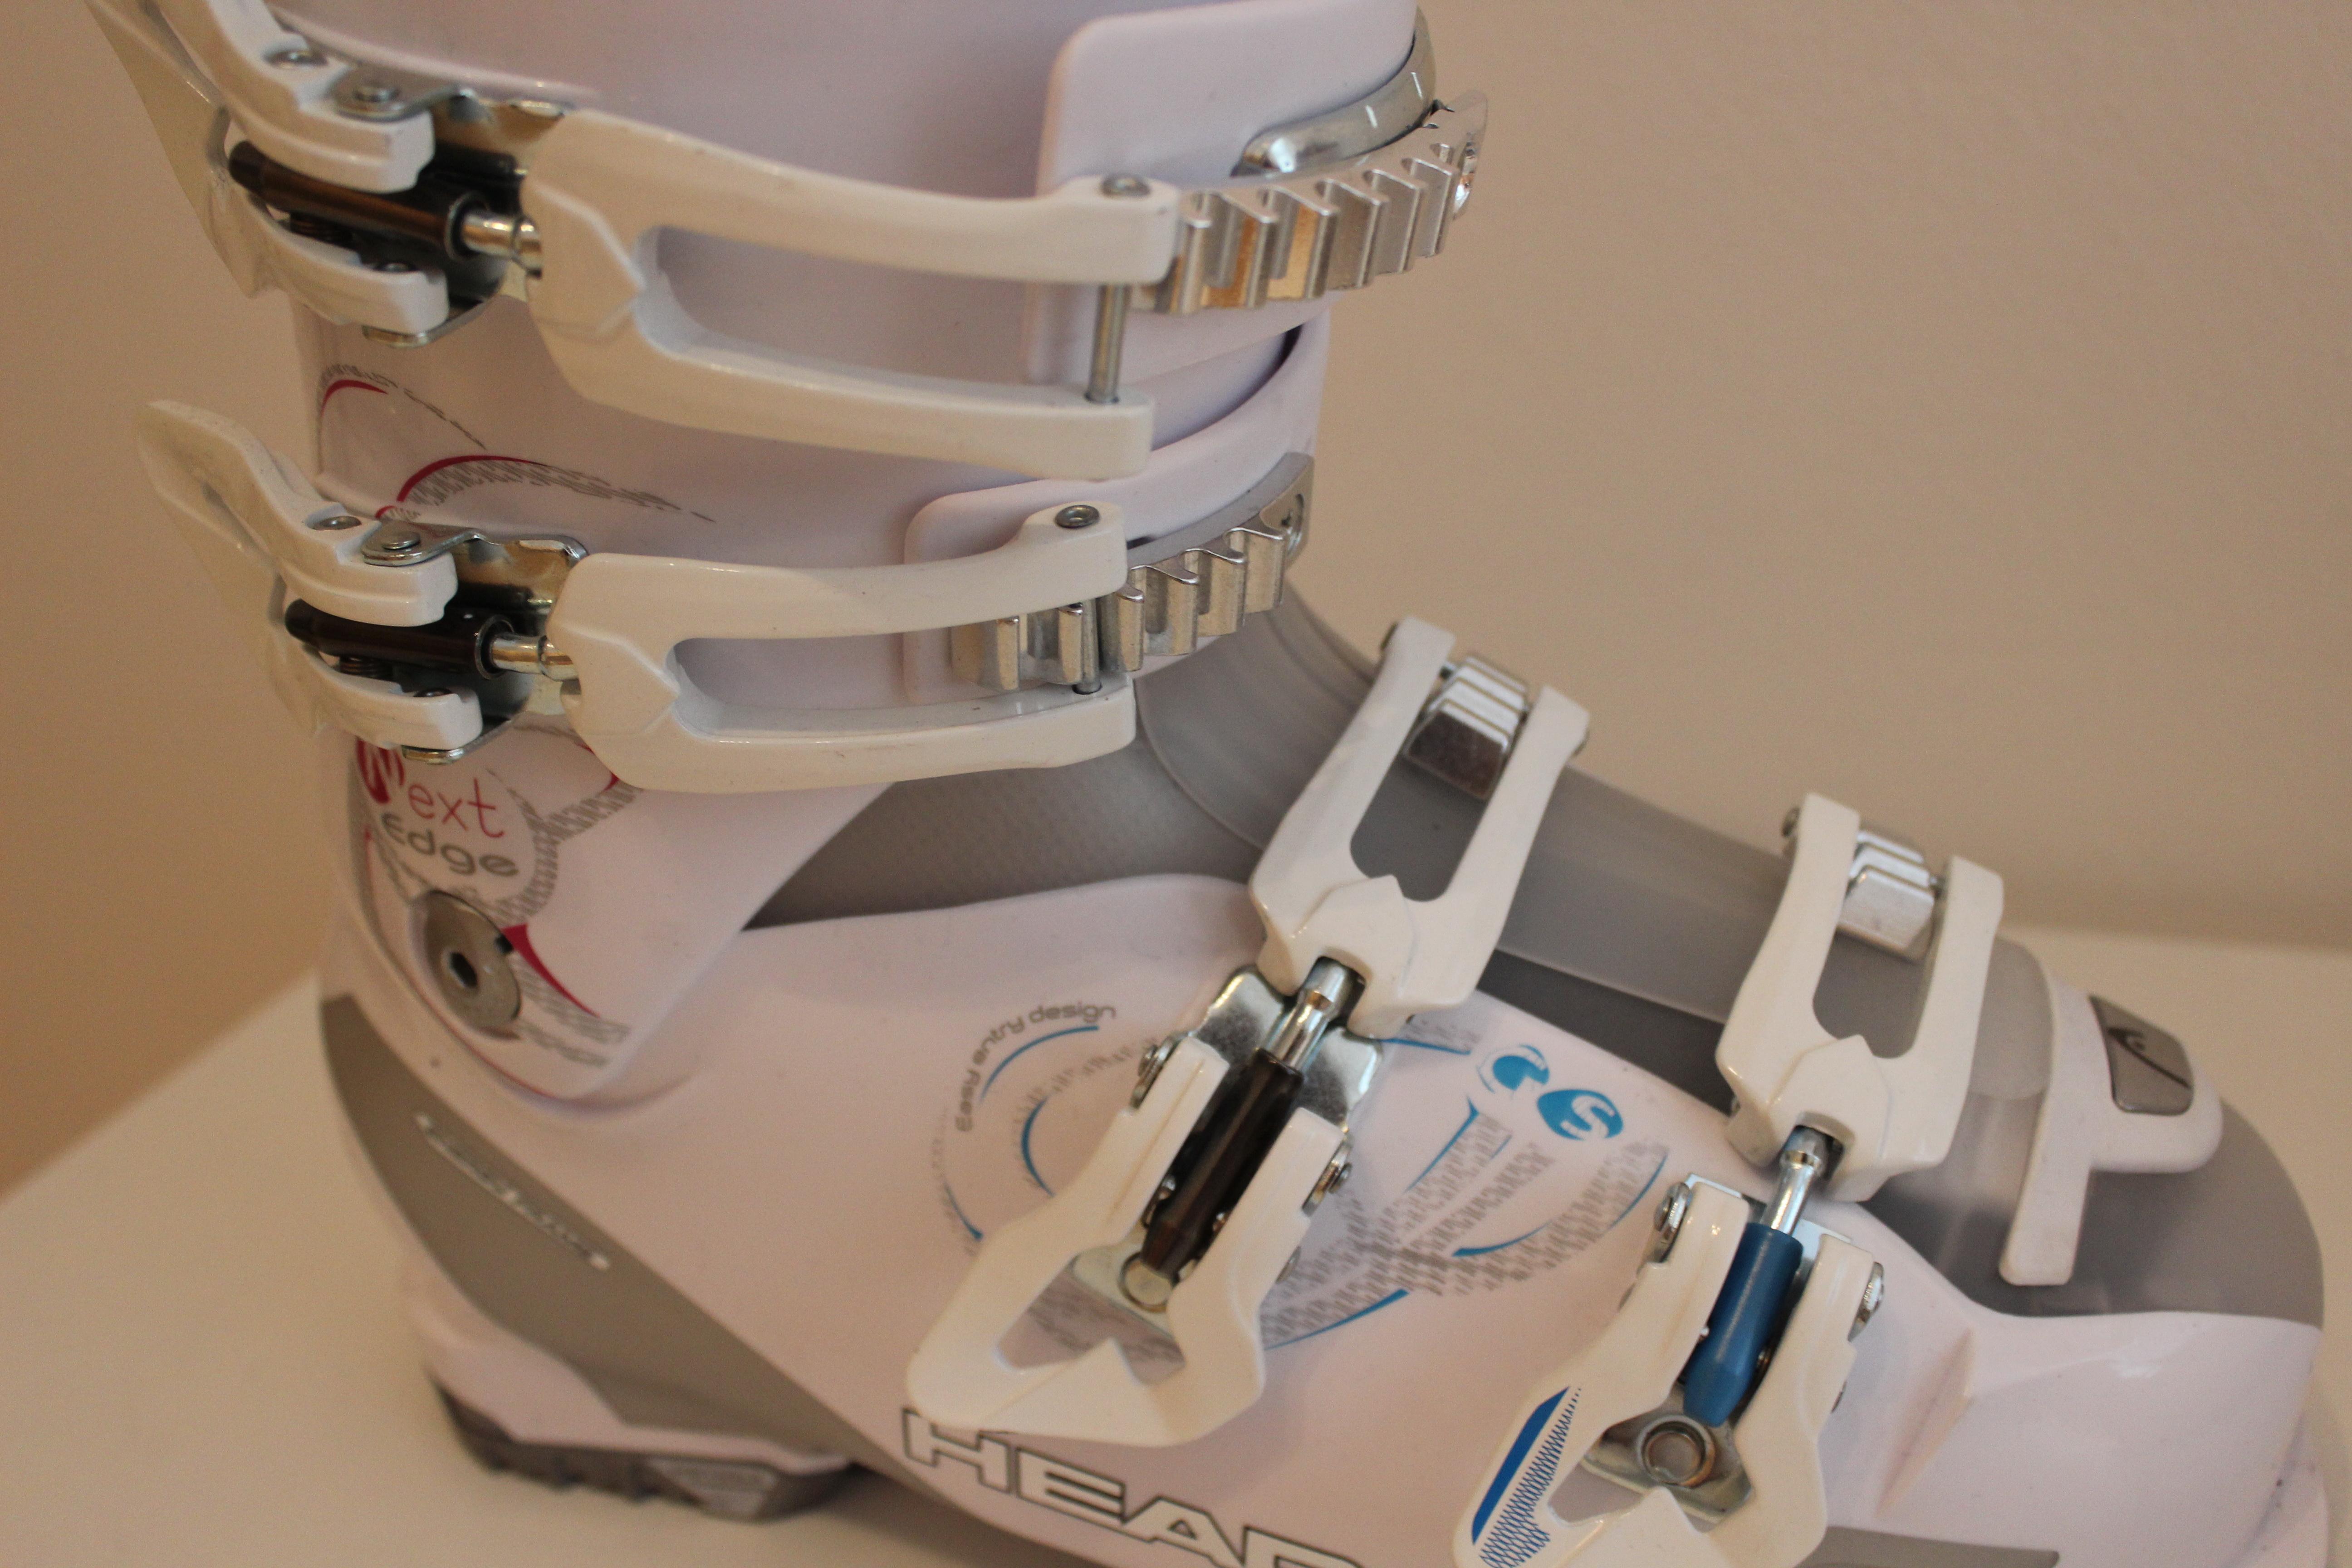 42 - fotka 1 Lyžařské boty HEAD vel. 42 - fotka 2. Prodám dámské lyžařské  boty HEAD typu Next Edge GS Mya. 19f62799c3